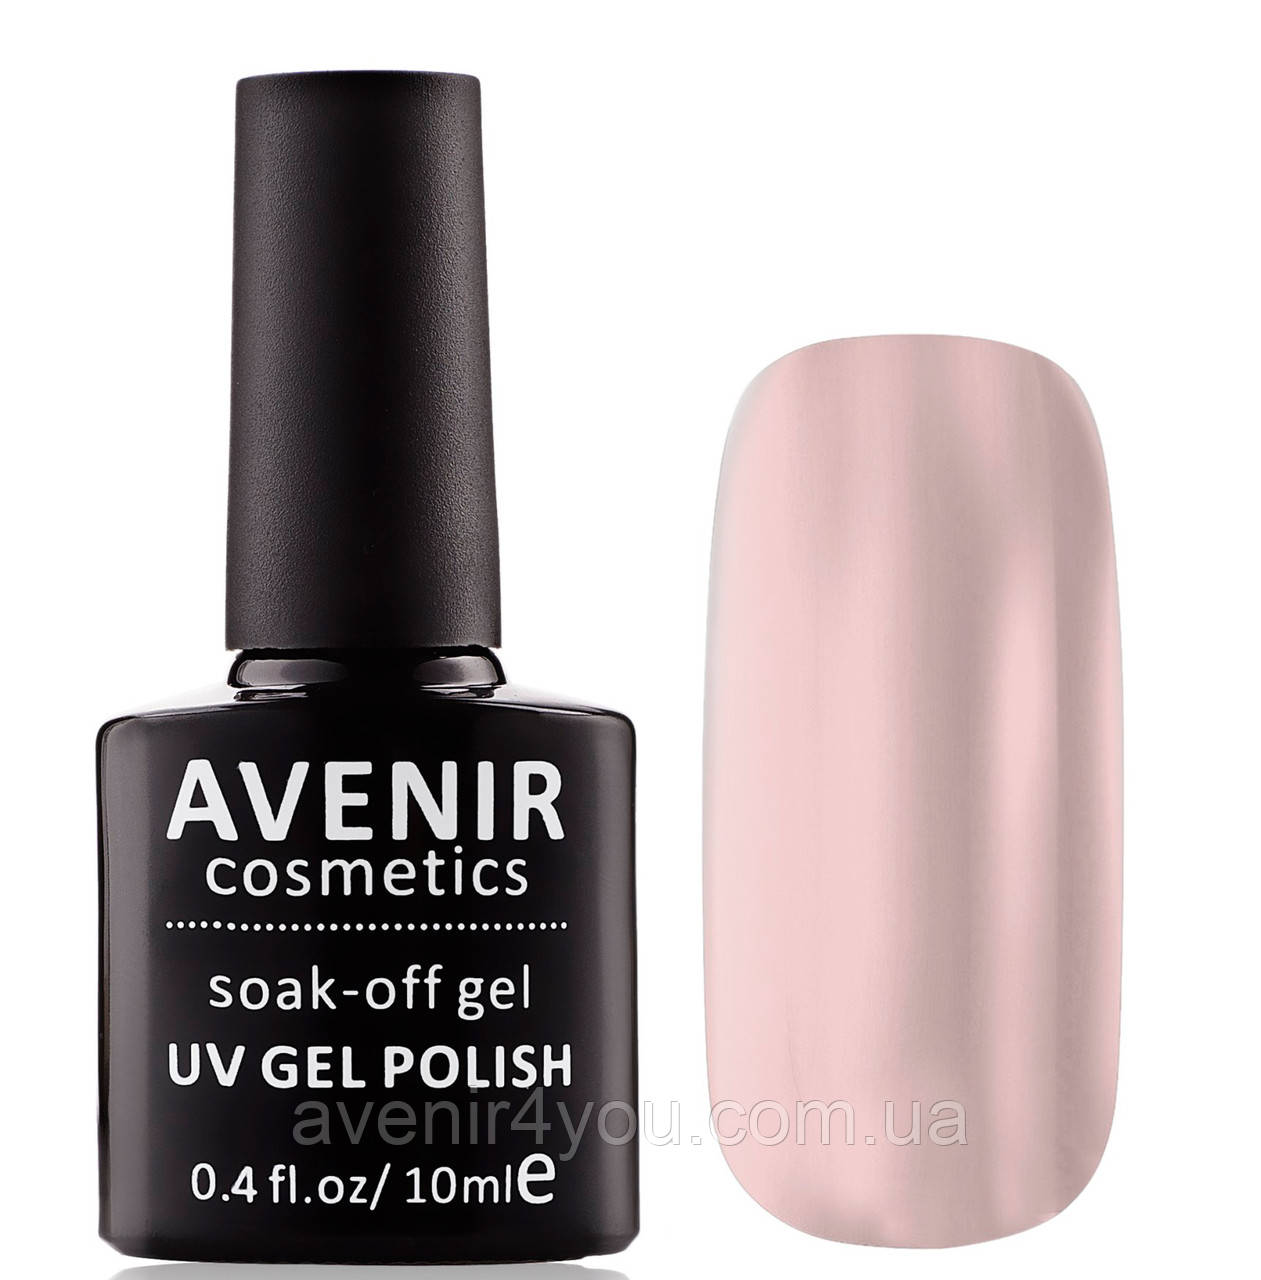 Гель-лак AVENIR Cosmetics №6. Бежевый полупрозрачный френч